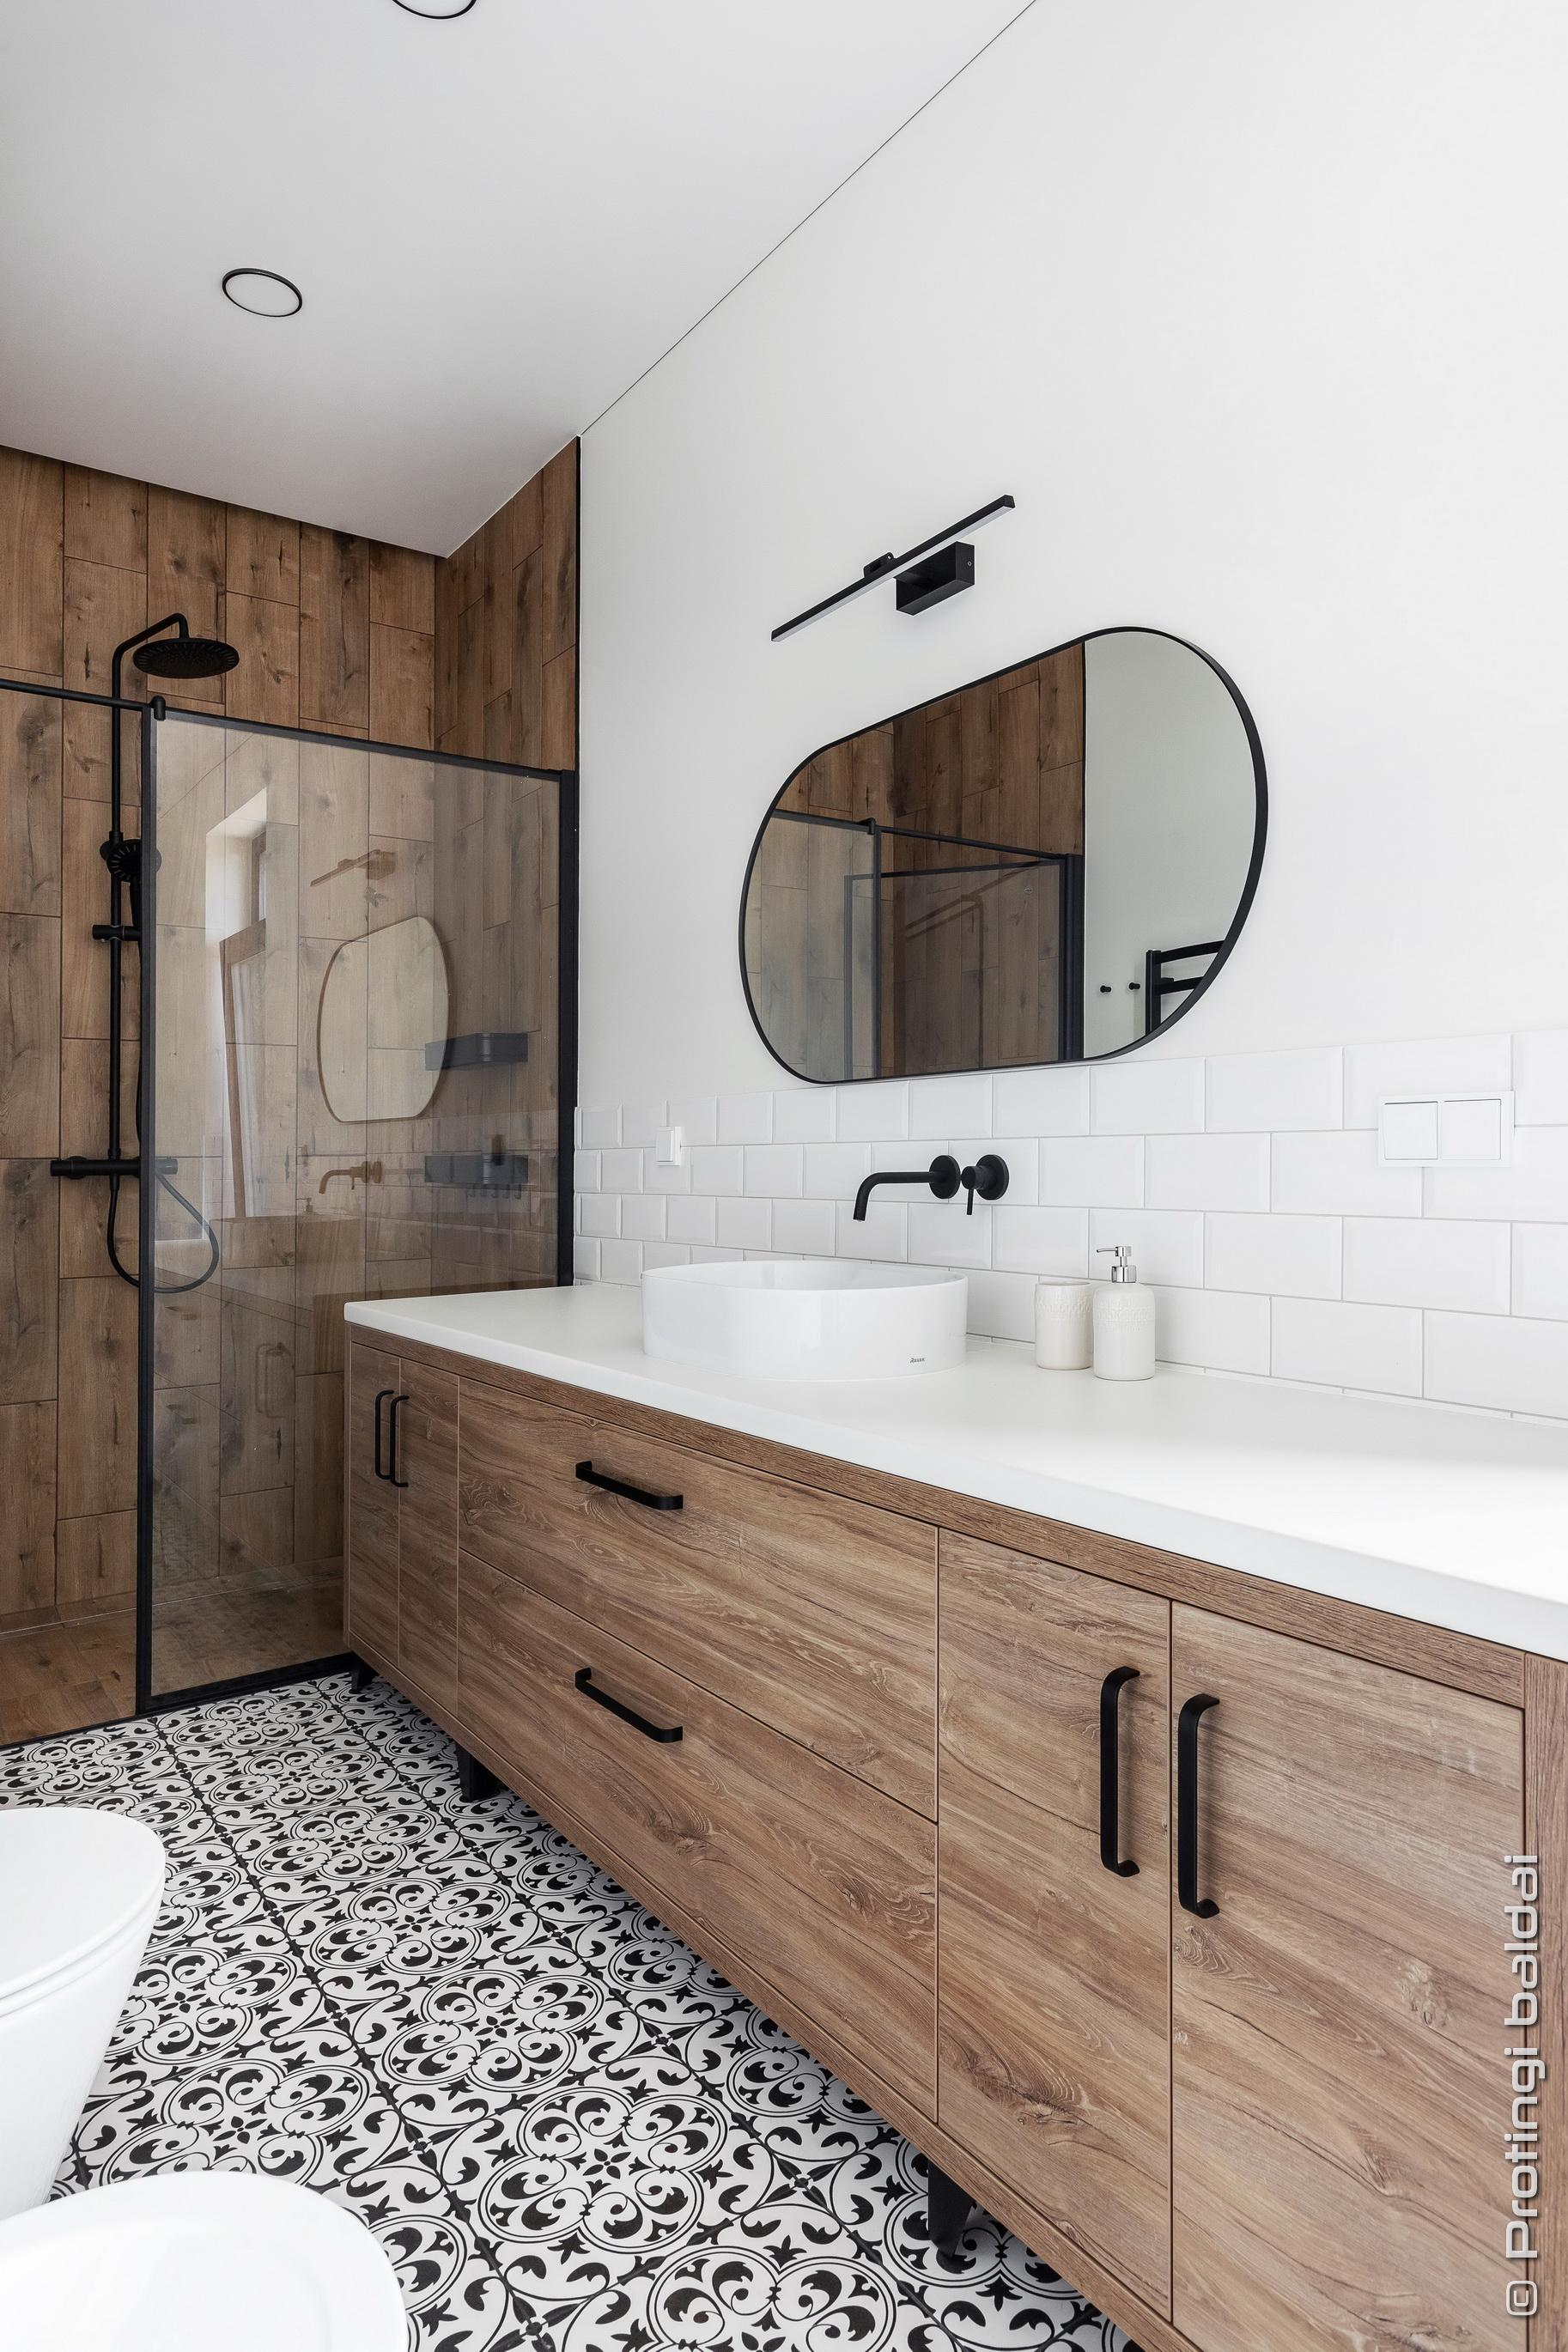 virtuve-vonia-PB35_20